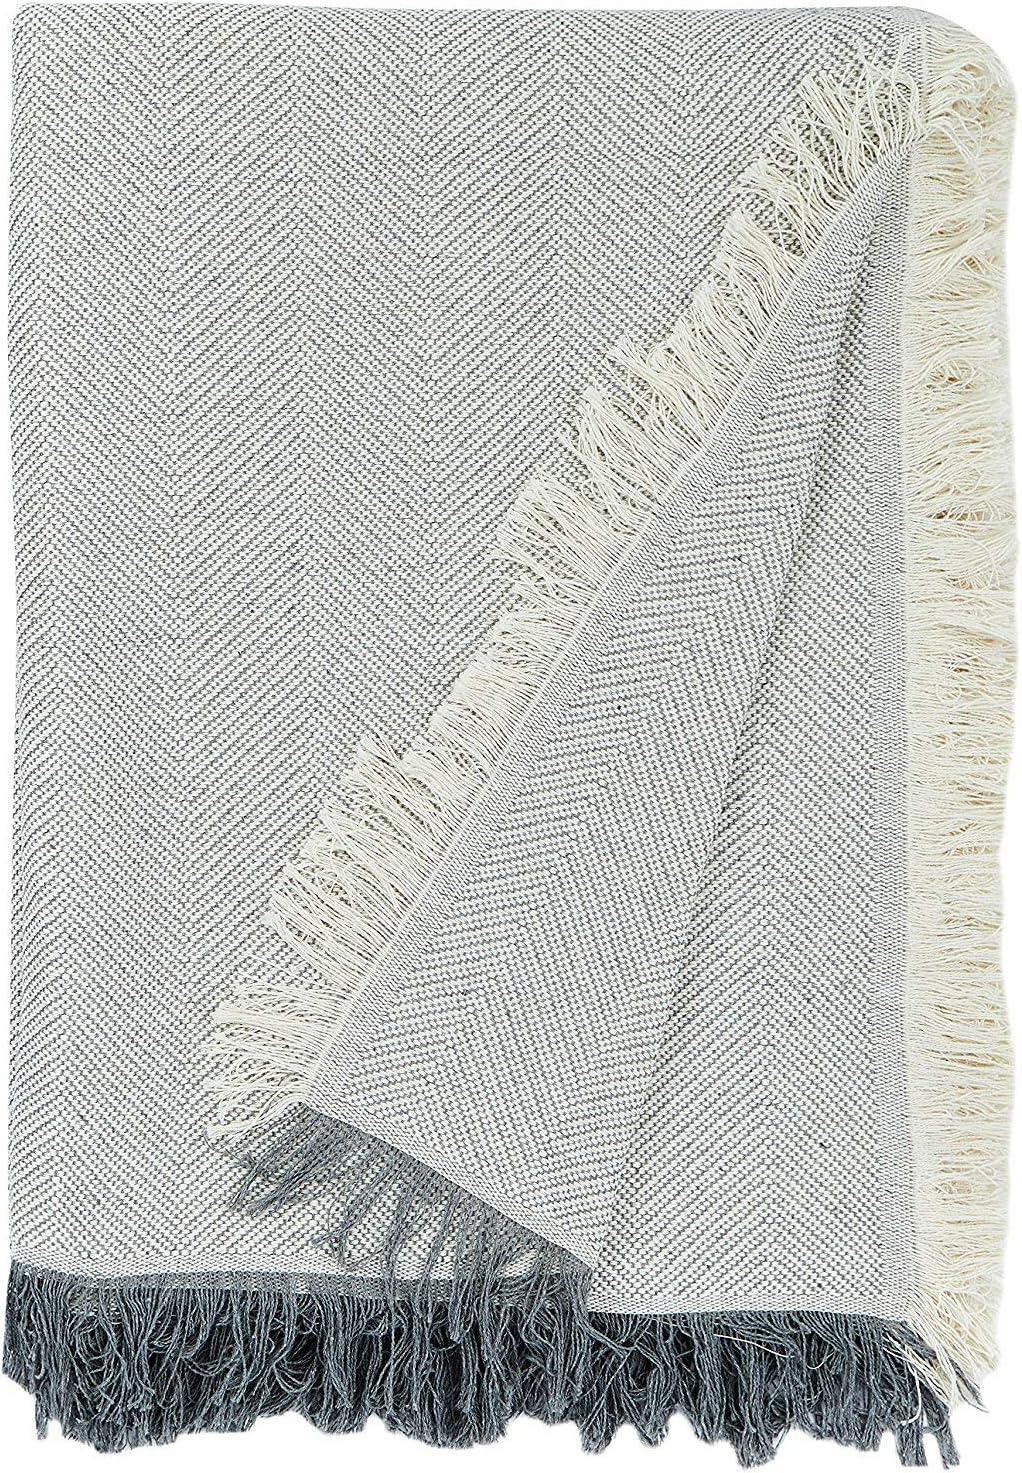 Martina Home Espiga - Foulard Multiusos, Crudo Gris, 230 x 260 cm, tela